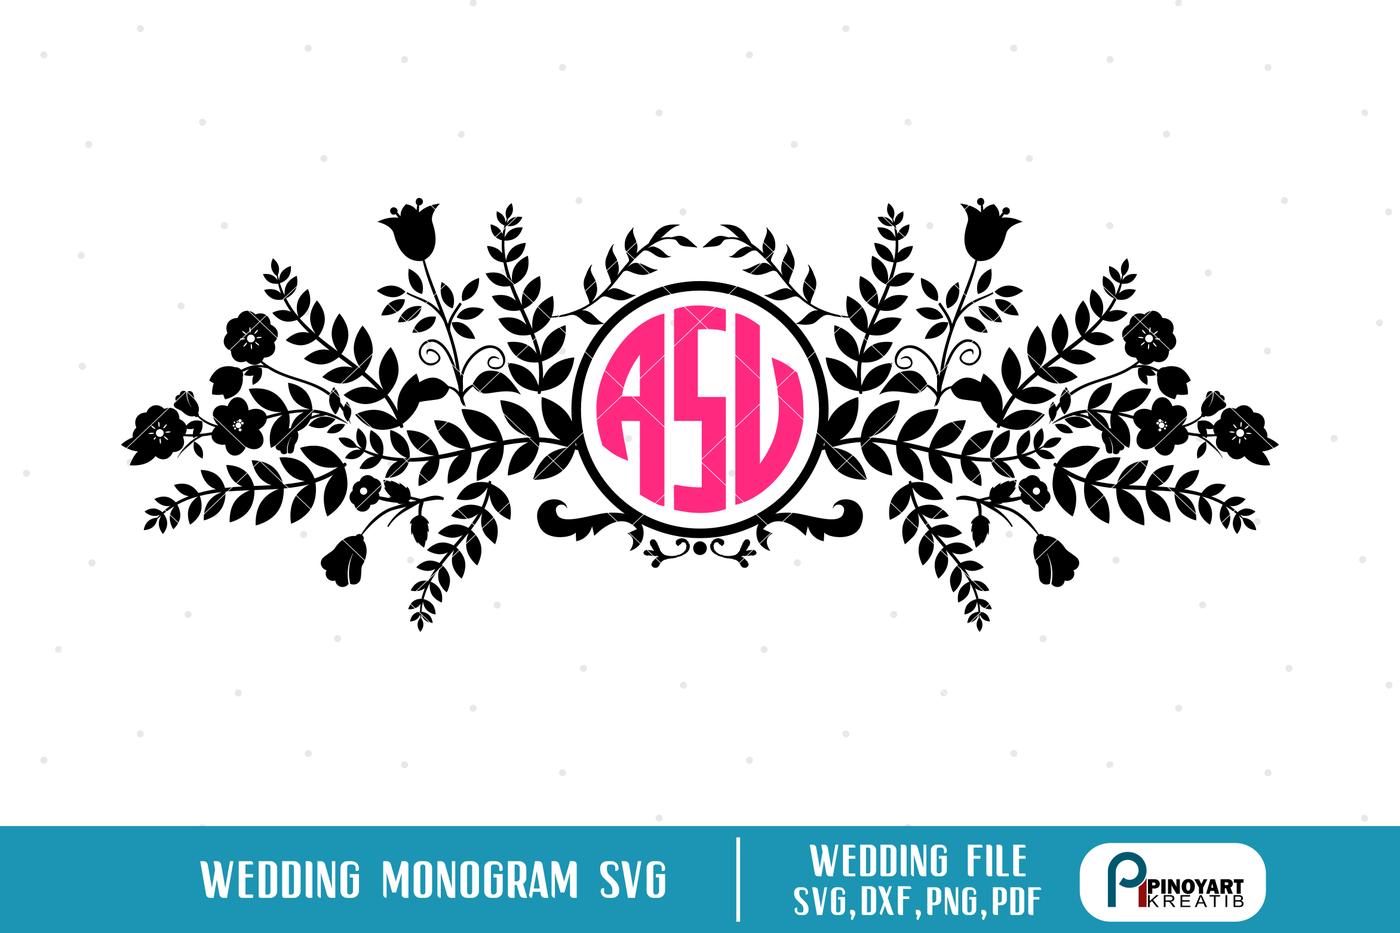 Wedding Svg Wedding Monogram Svg Wedding Monogram Frame Svg